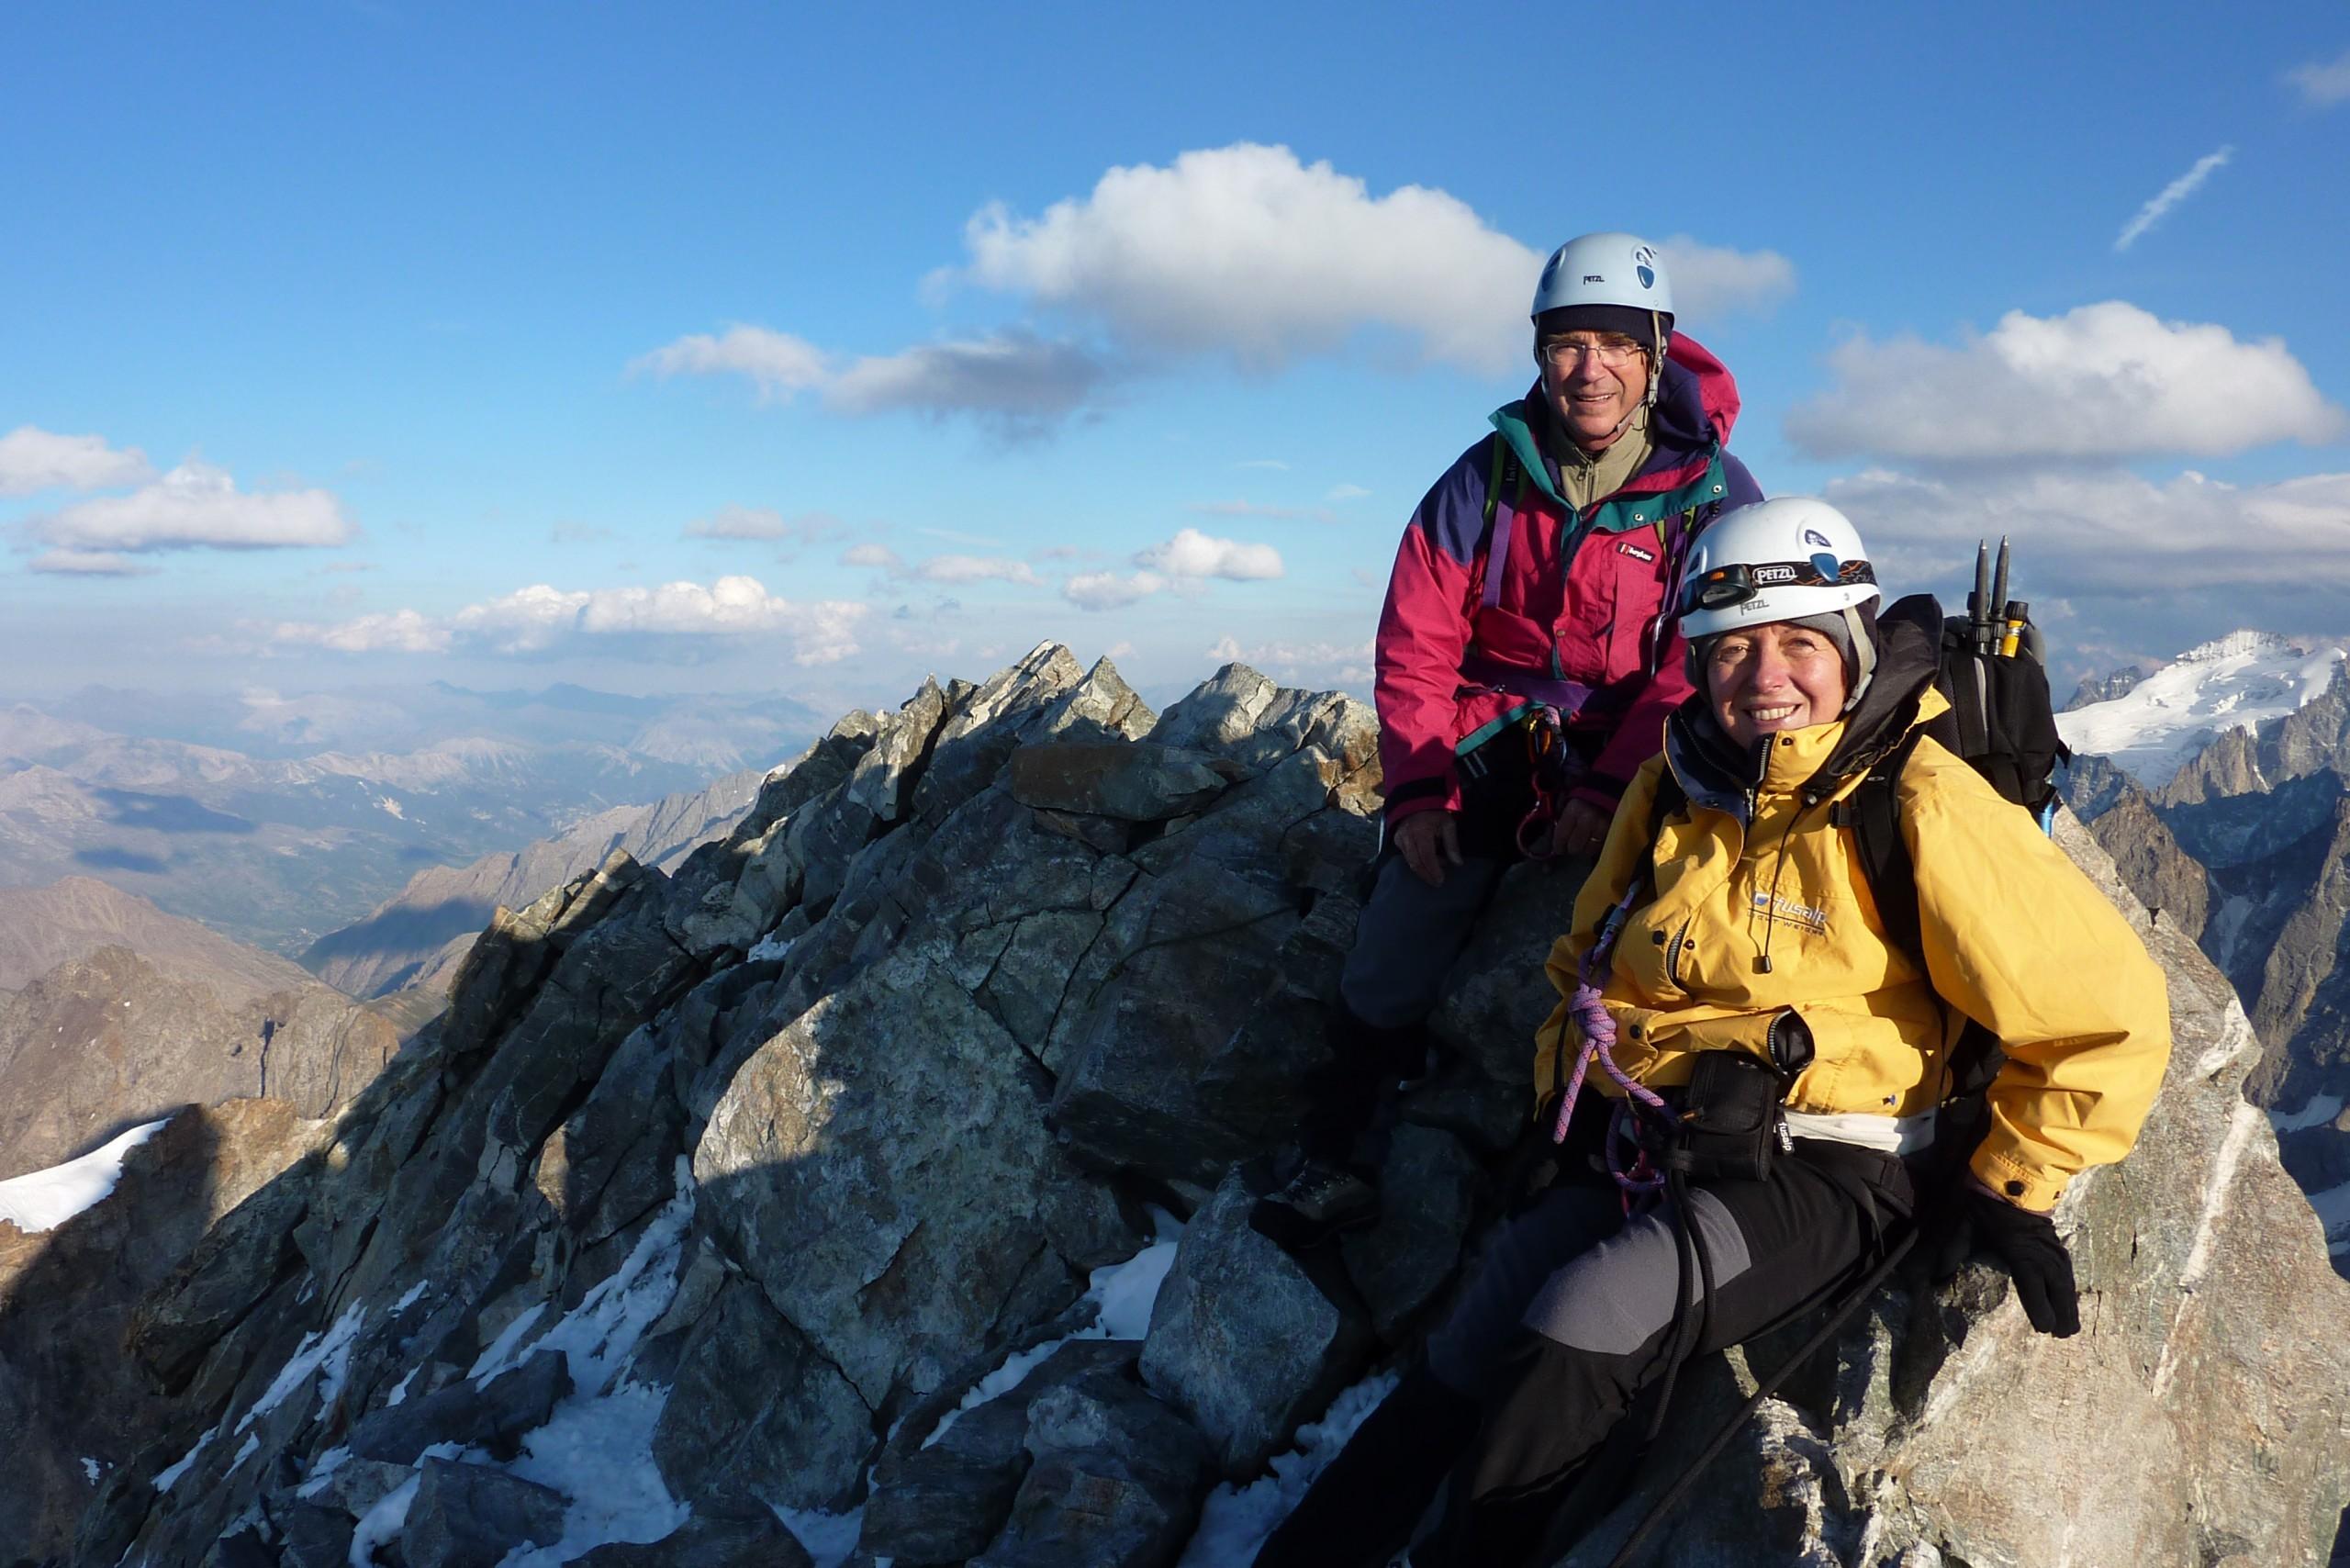 Sommet du doigt de Dieu lors de la traversée de la meije. Le guide de montagne prend les photos.